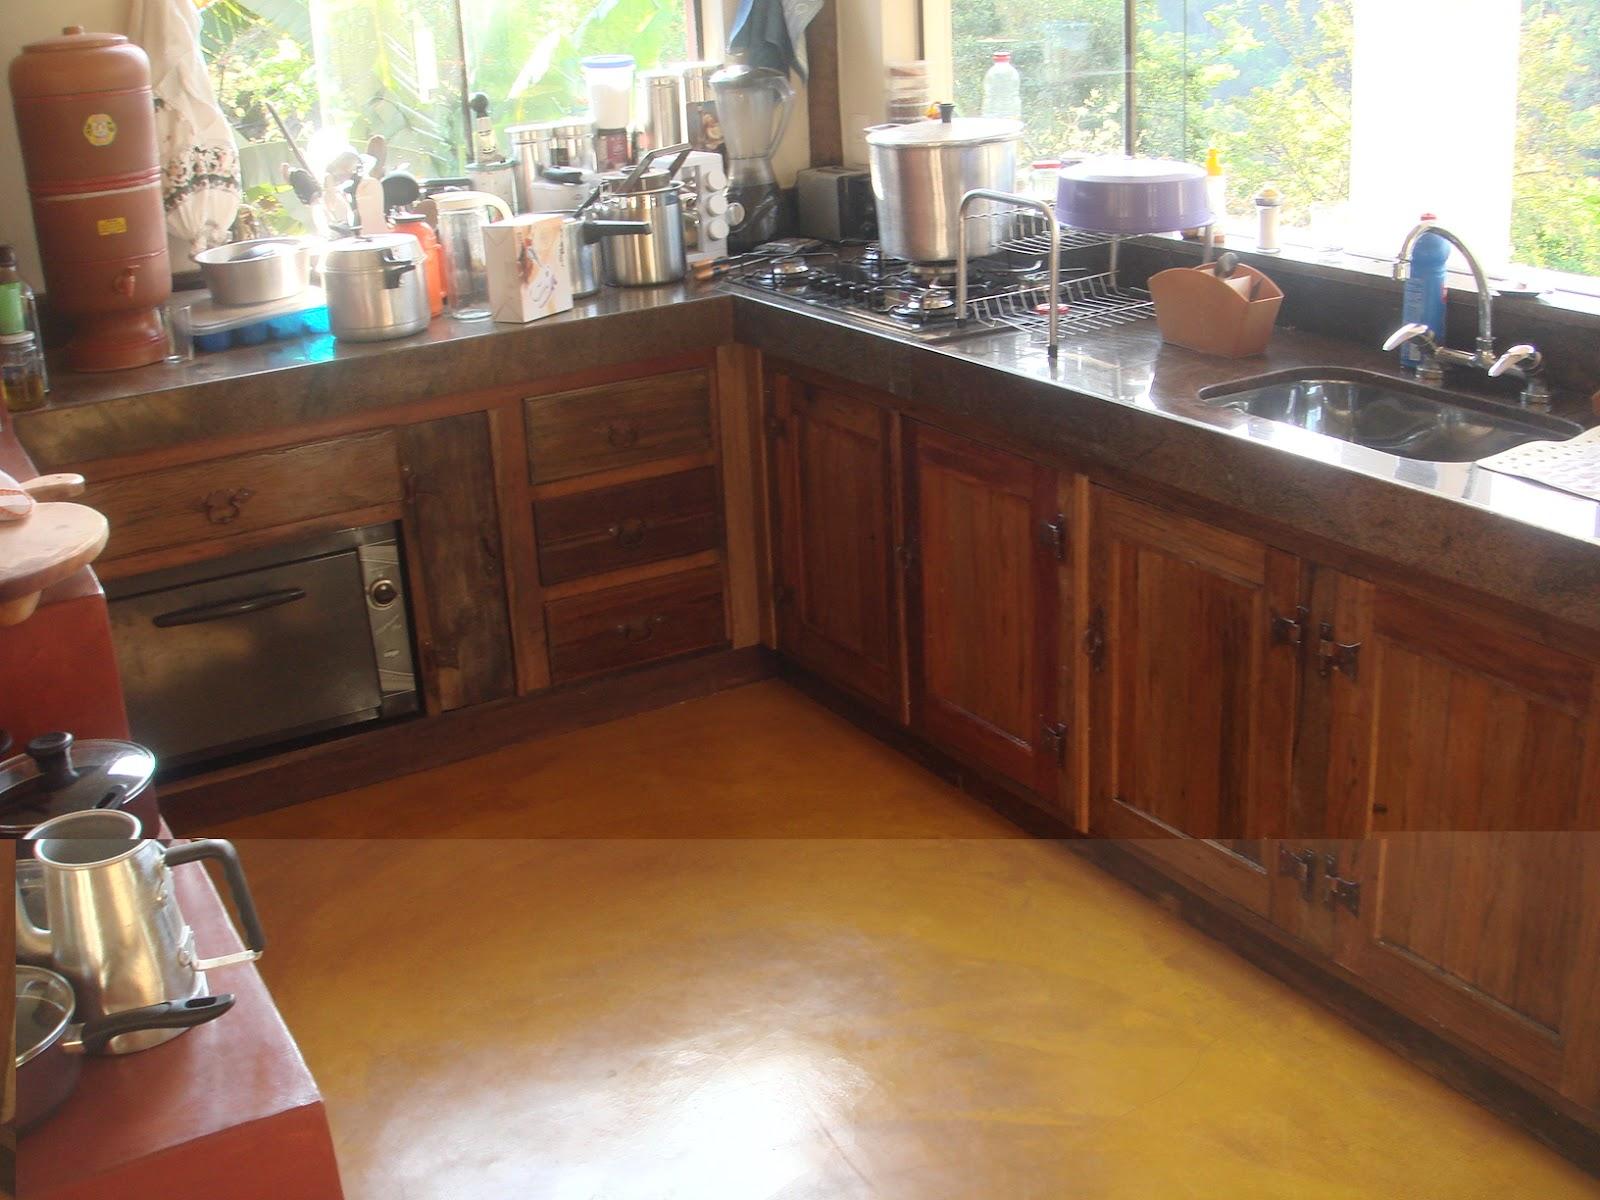 artisticas e sacras e antiguidades: Cozinha em madeira de demolição #9A7231 1600x1200